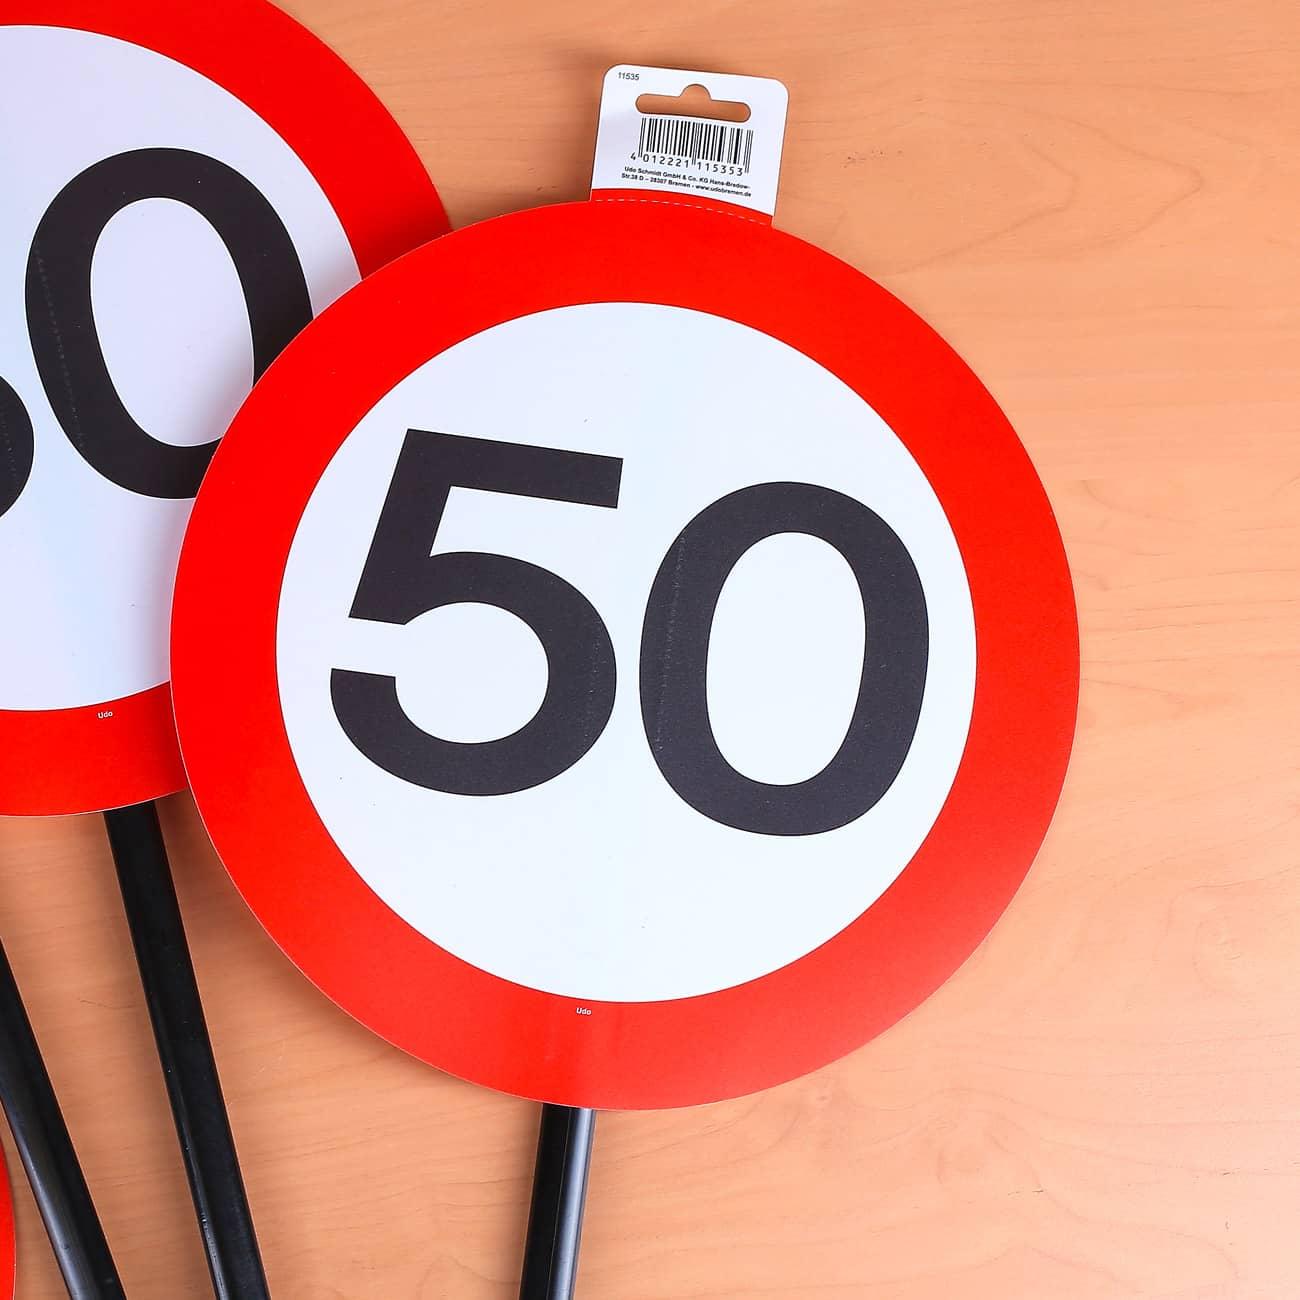 dekoratives Verkehrsschild zum 50. Geburtstag mit Stab